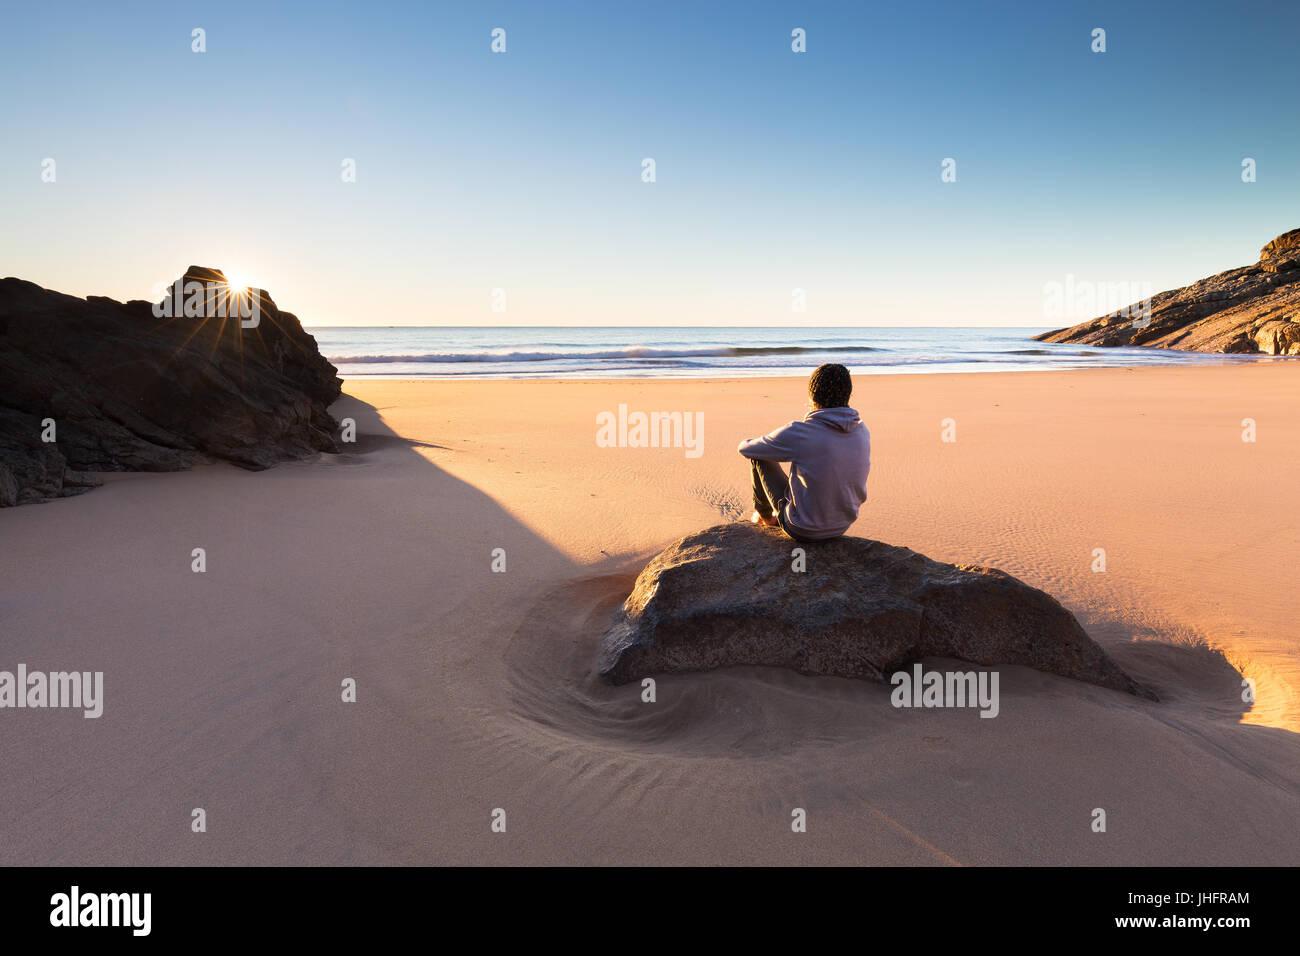 La persona se sienta en una hermosa playa remota en Australia y relojes un crujiente amanecer sobre el océano. Foto de stock